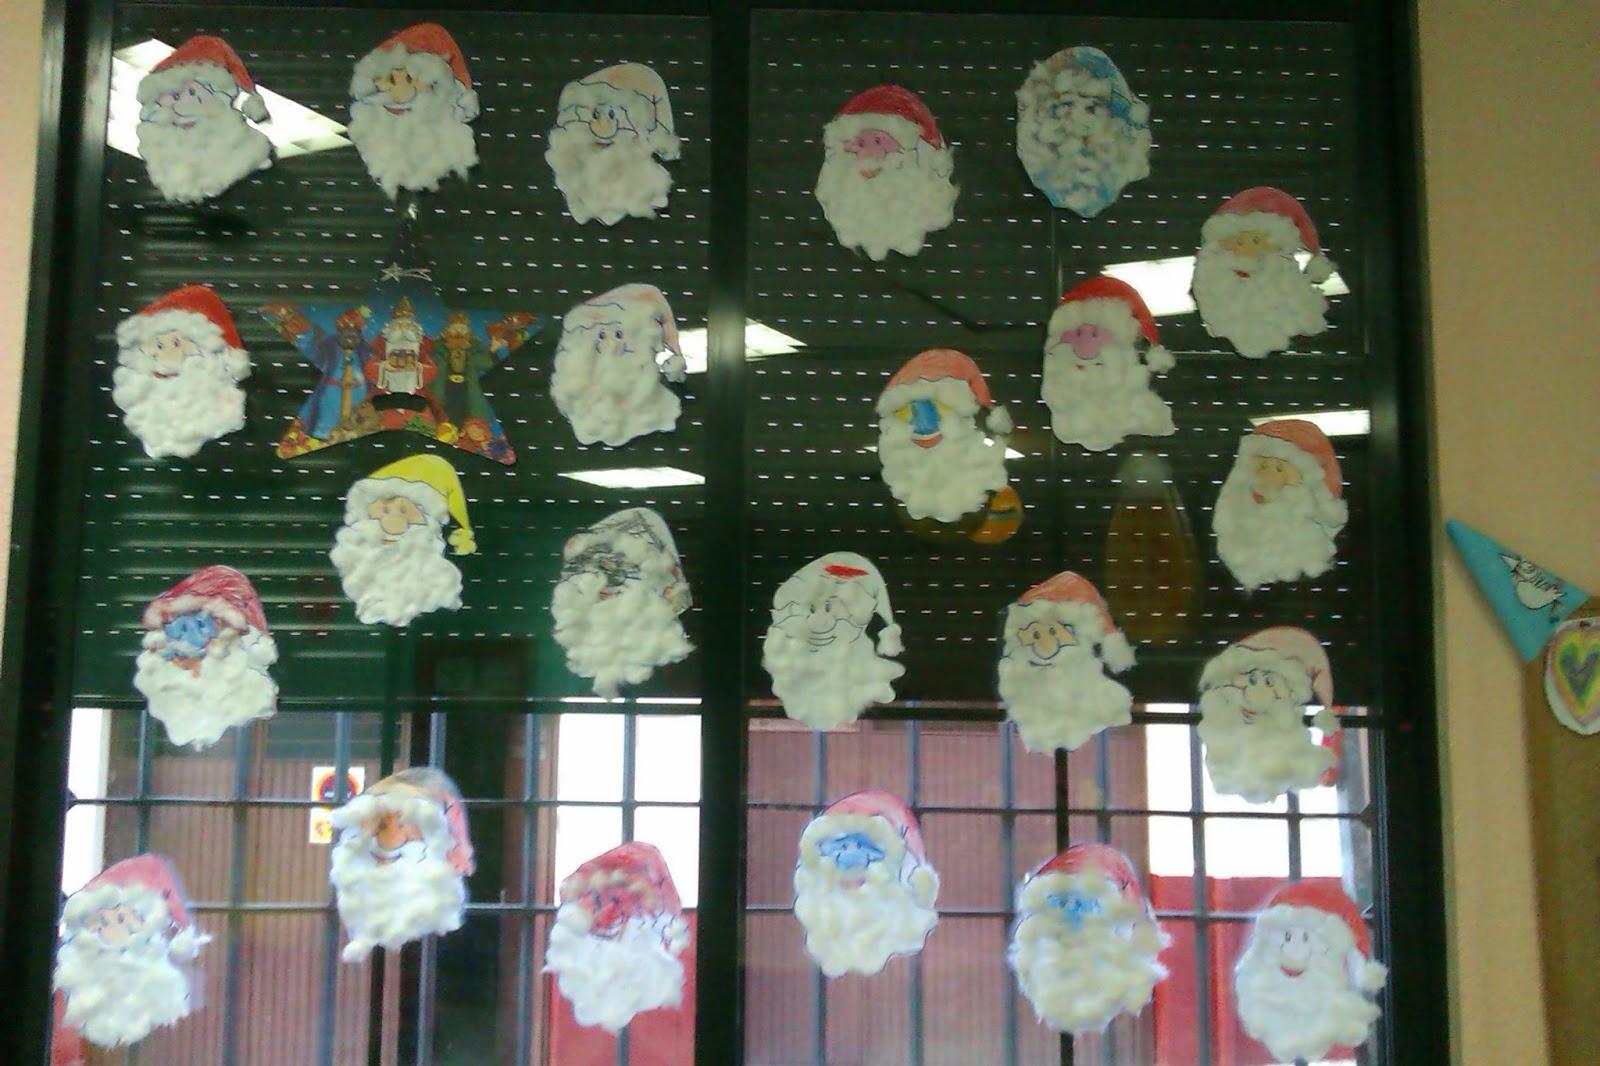 Los amigos de pinky decoraci n de navidad del aula for Decoracion escuela